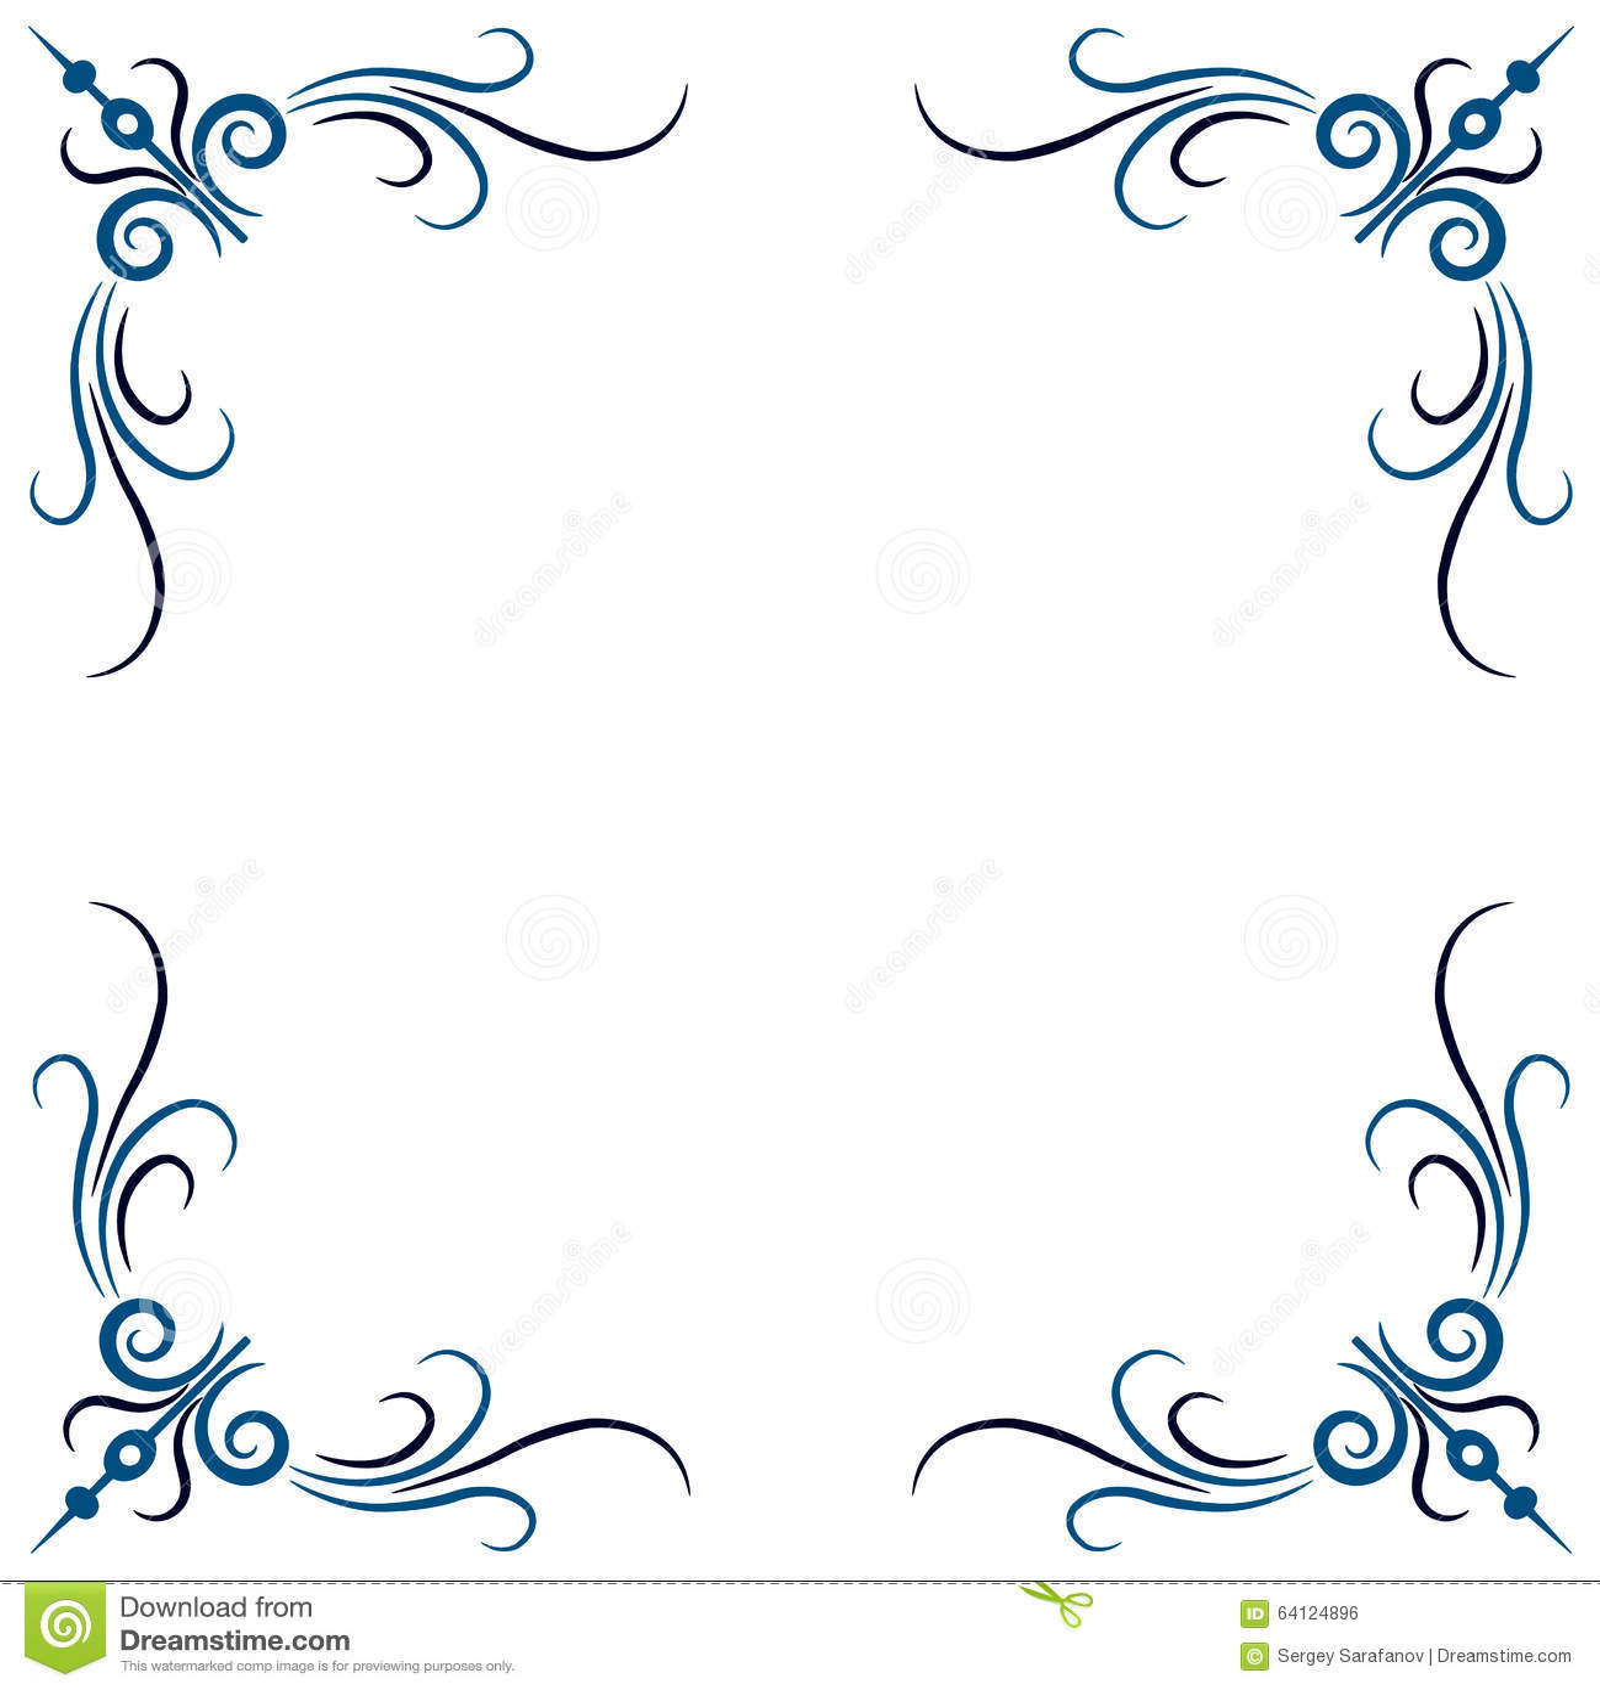 Vector Vintage Border. Stock Illustration - Image: 64124896 Vintage Border Vector